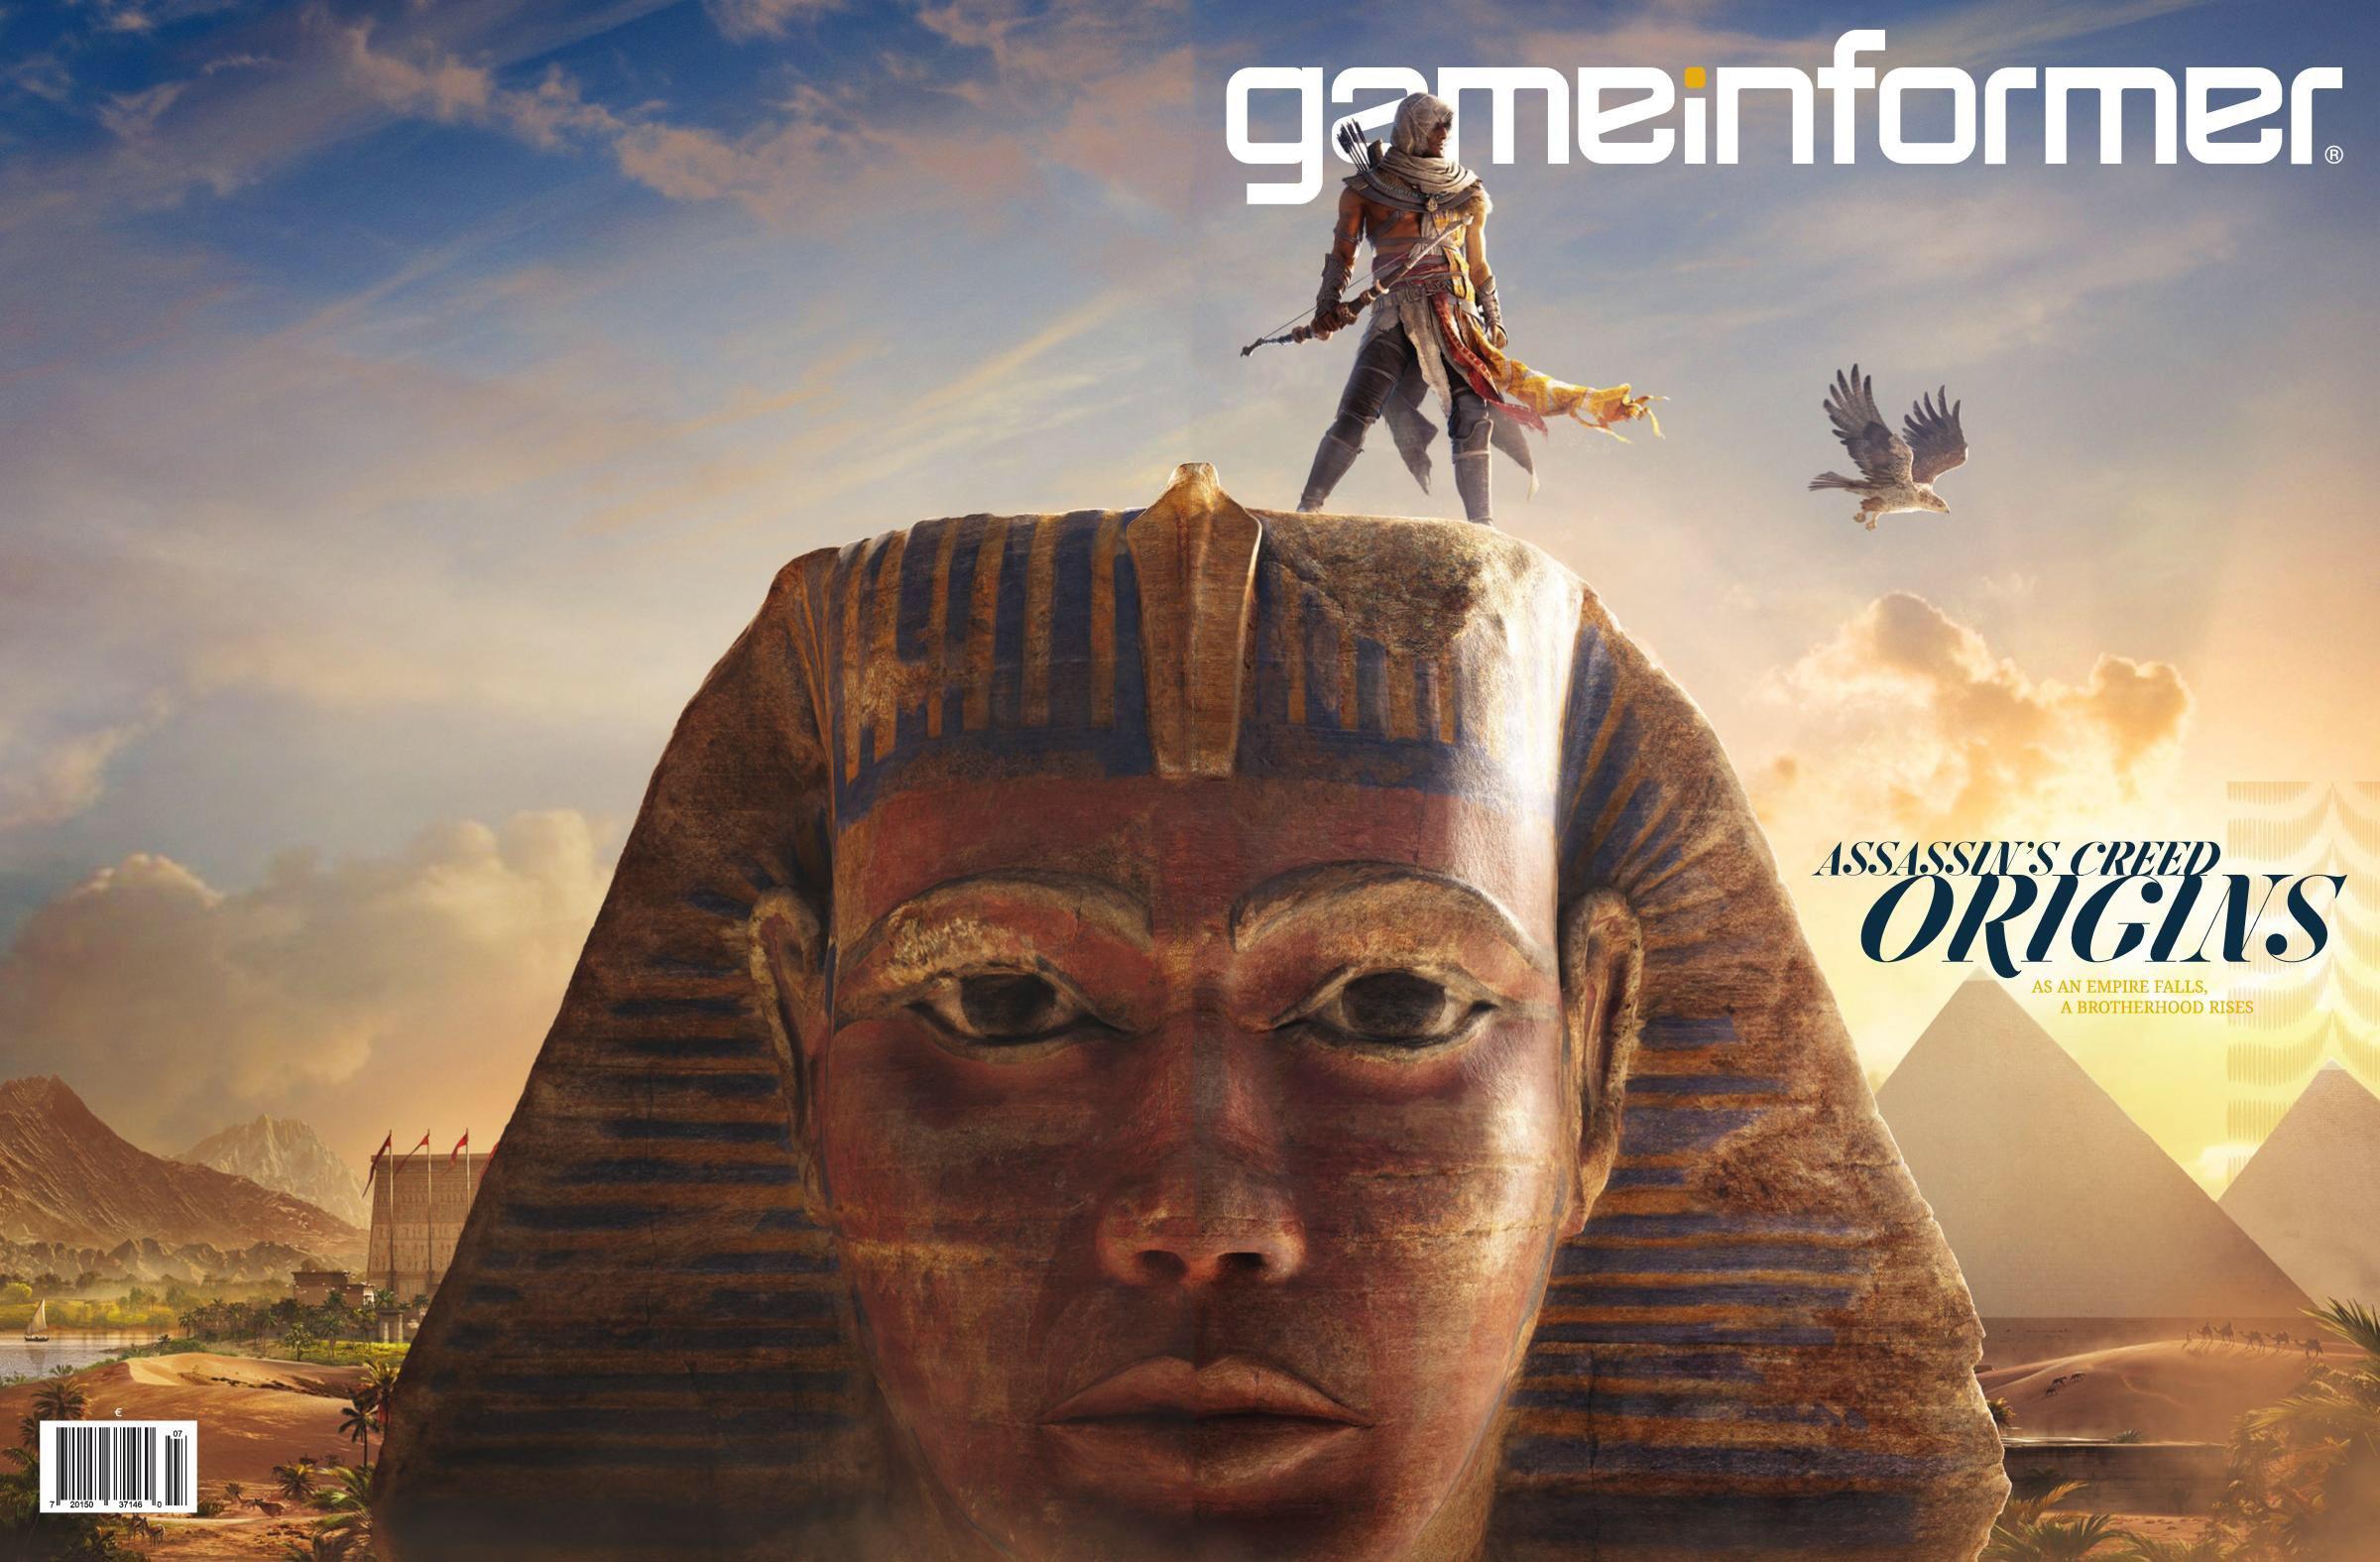 Game Informer Issue 291 July 2017 (full)